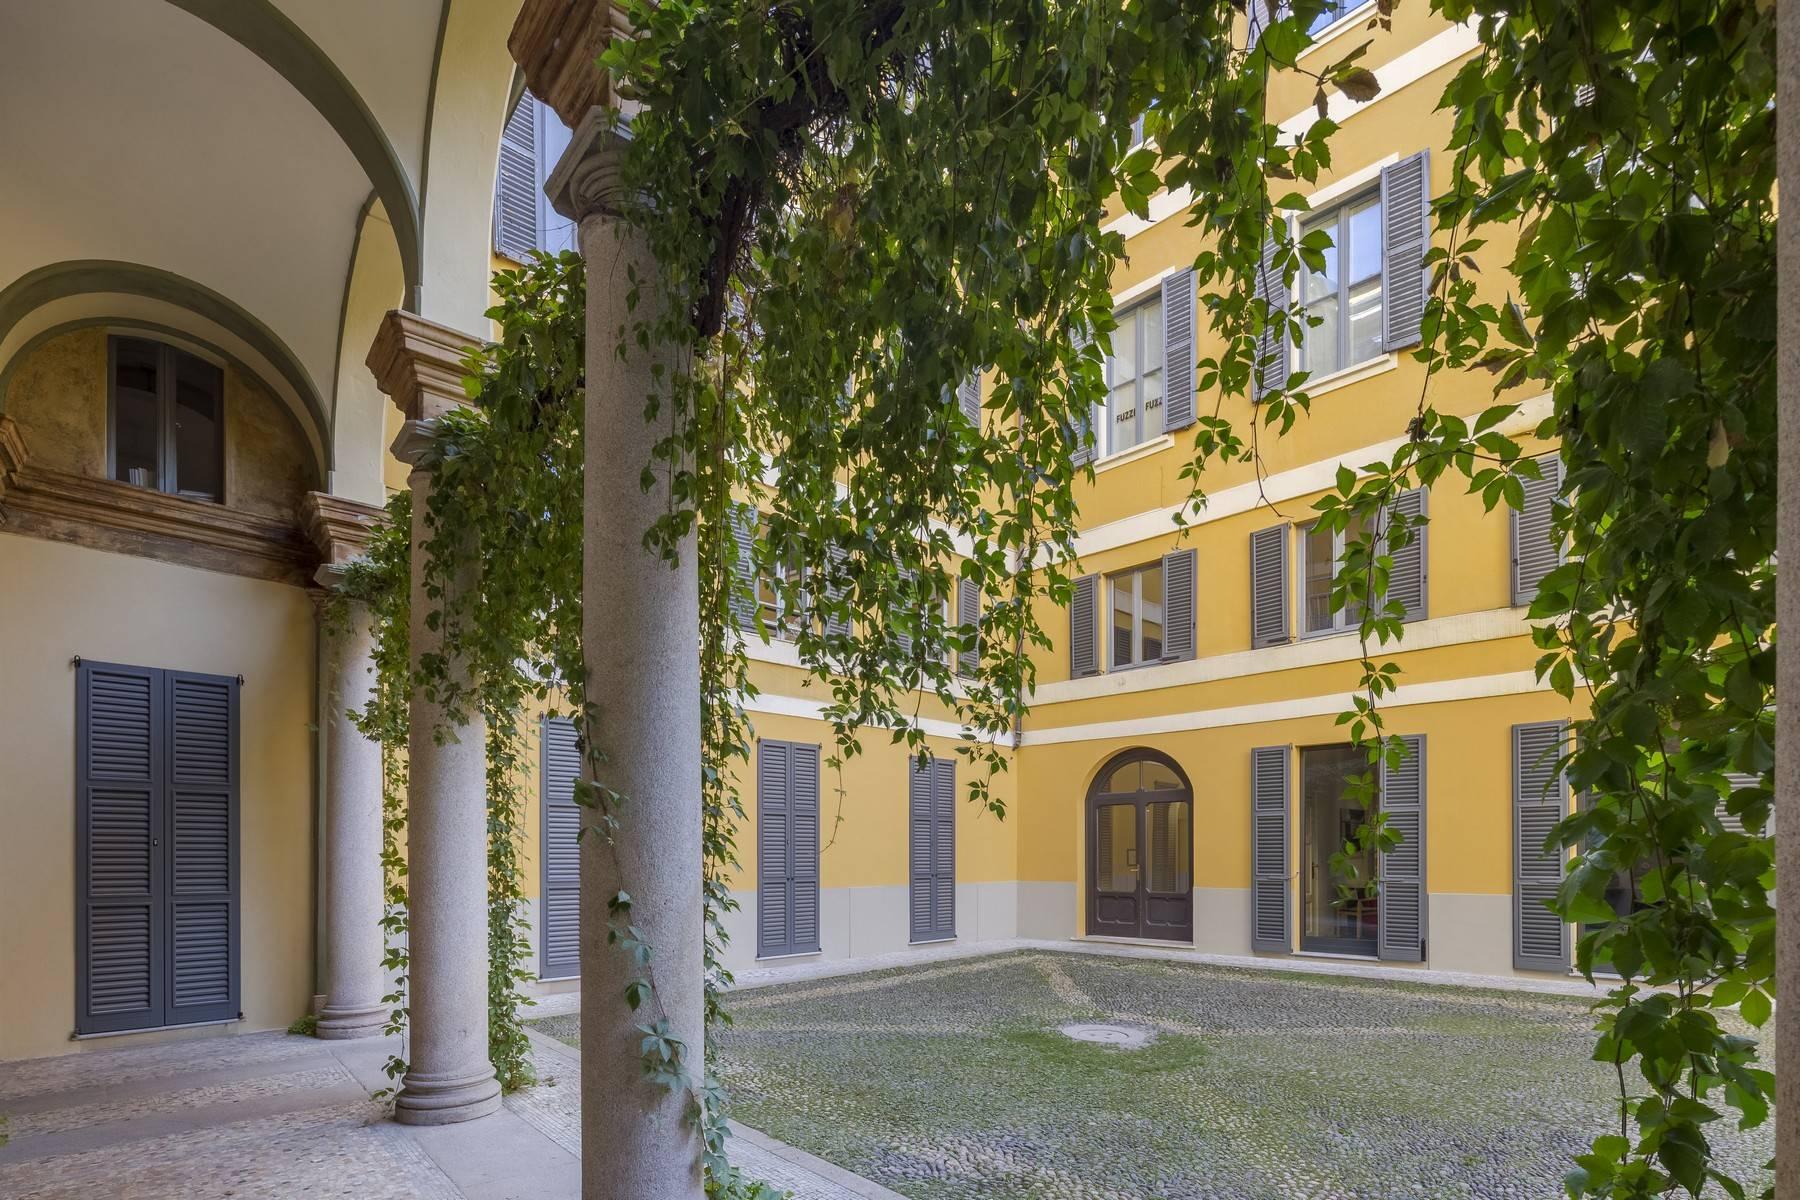 Negozio-locale in Affitto a Milano: 2 locali, 100 mq - Foto 22